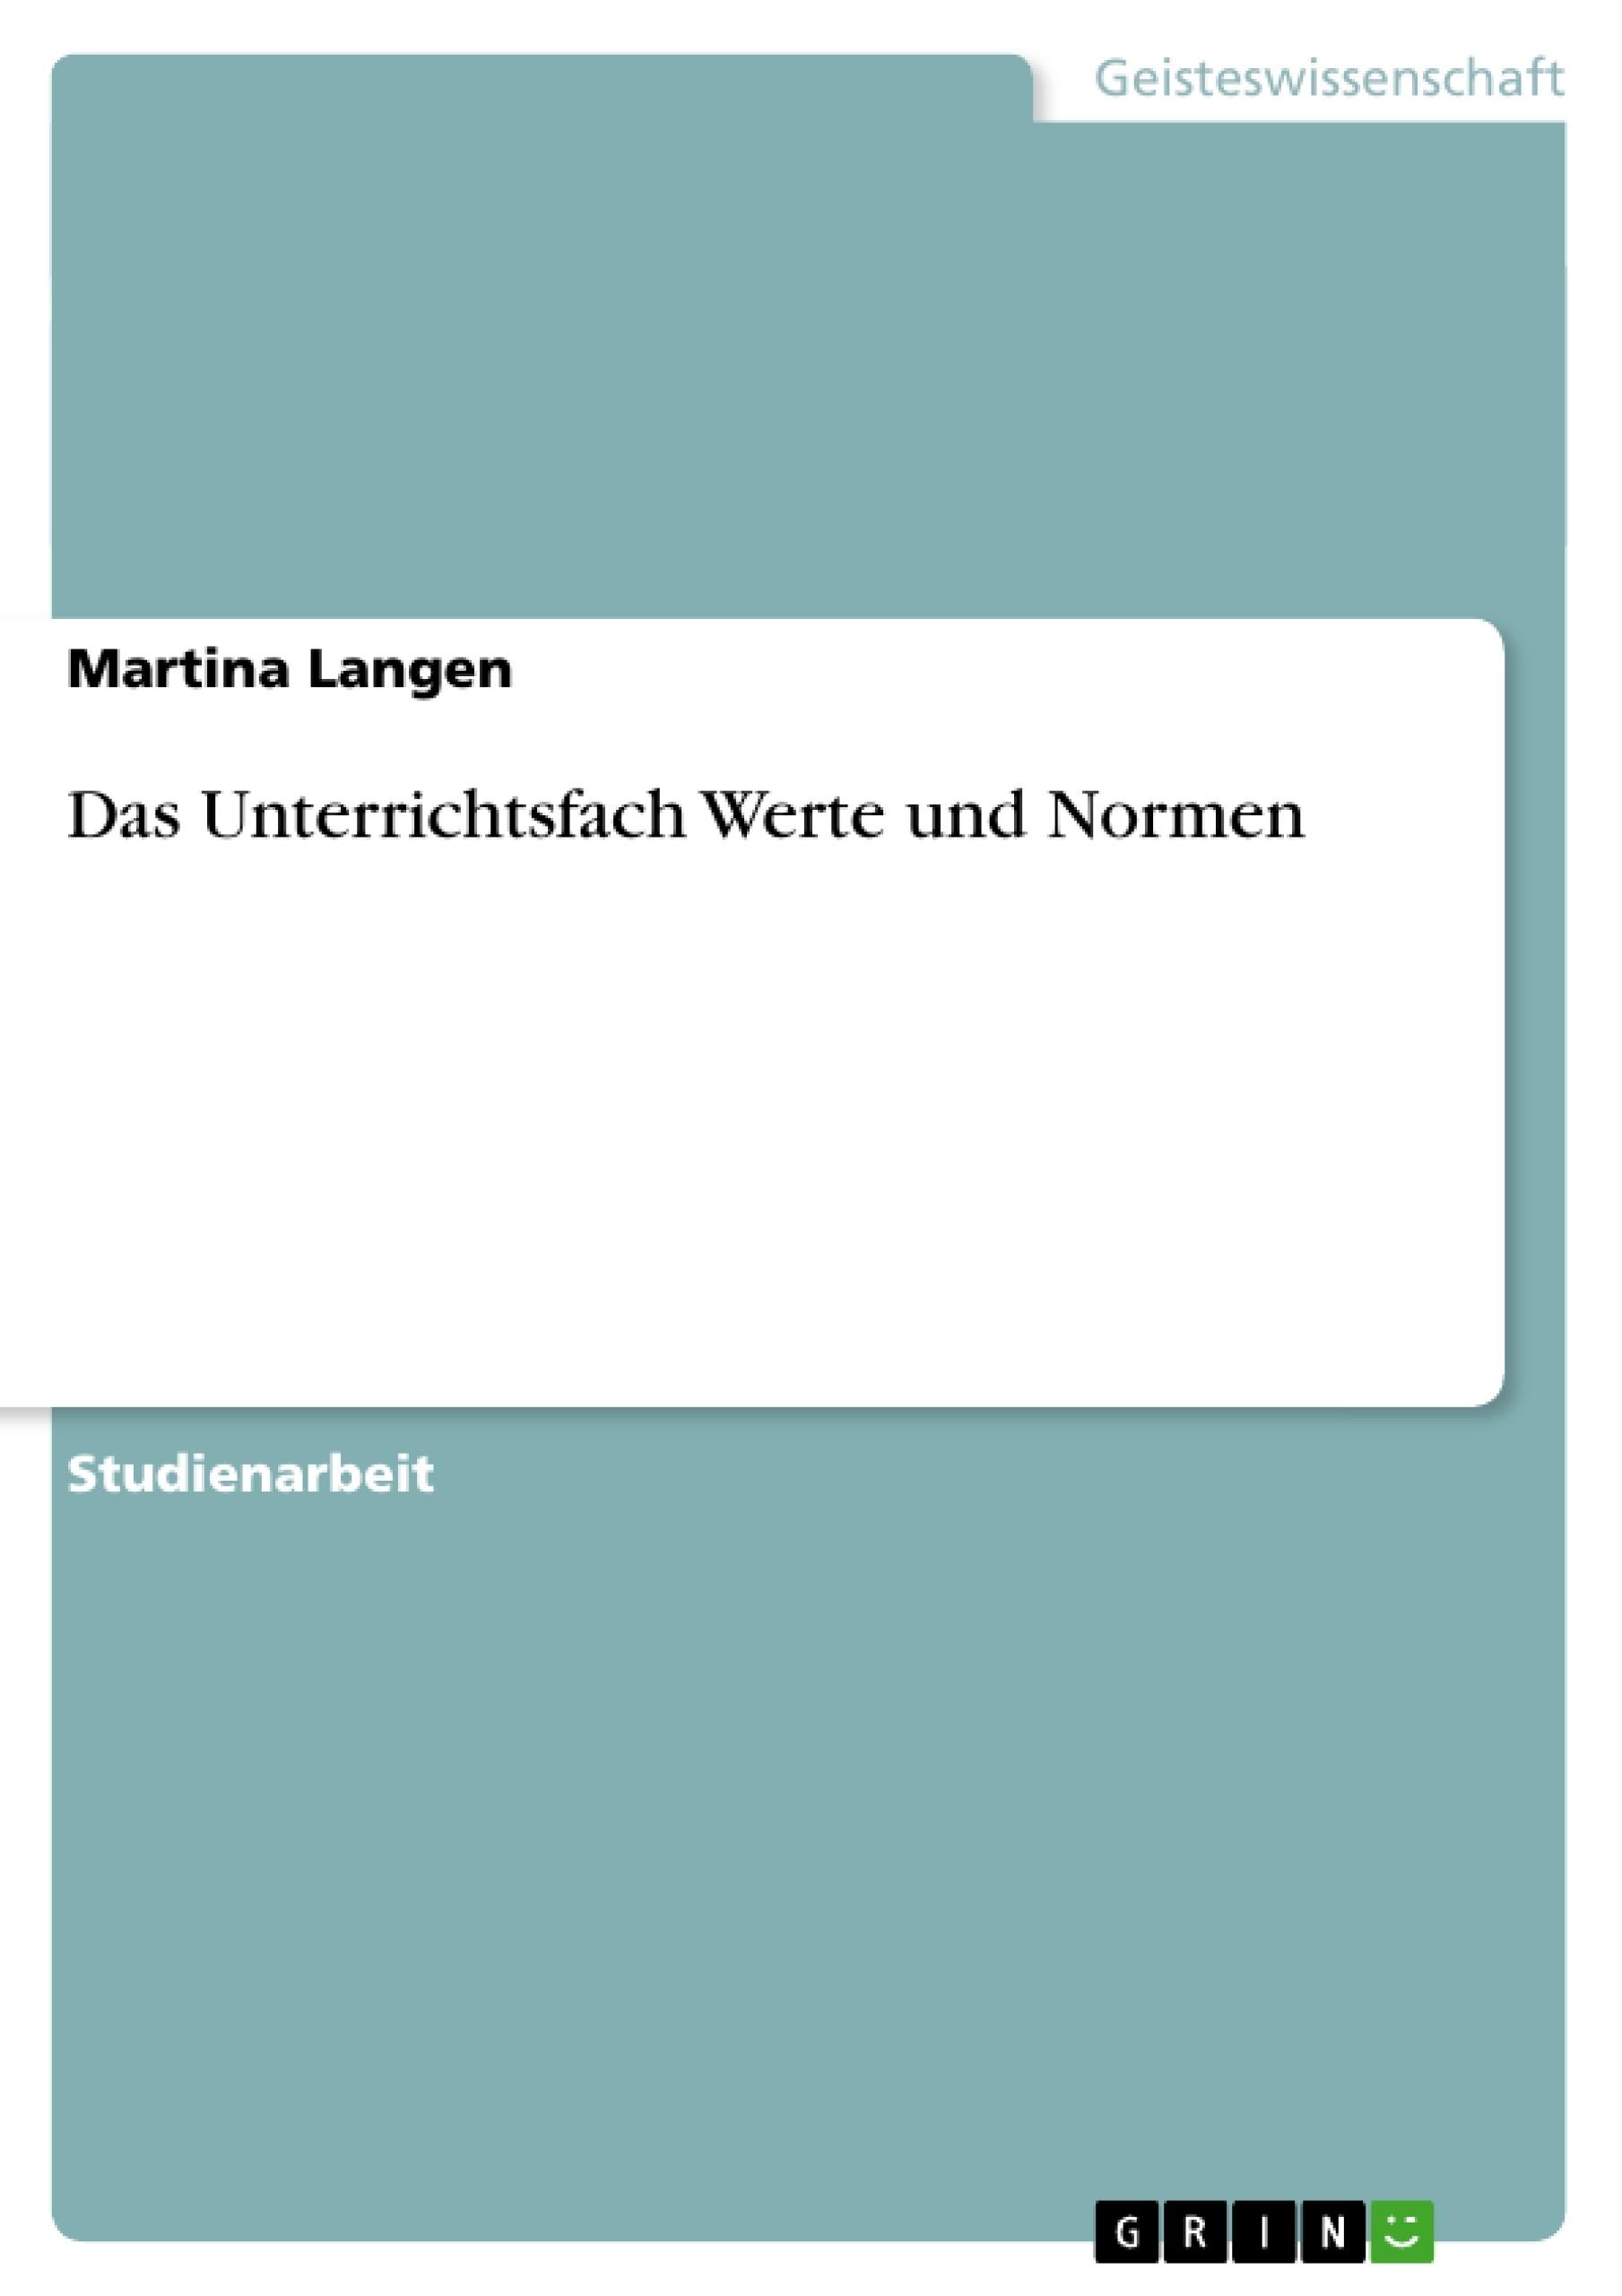 Titel: Das Unterrichtsfach Werte und Normen